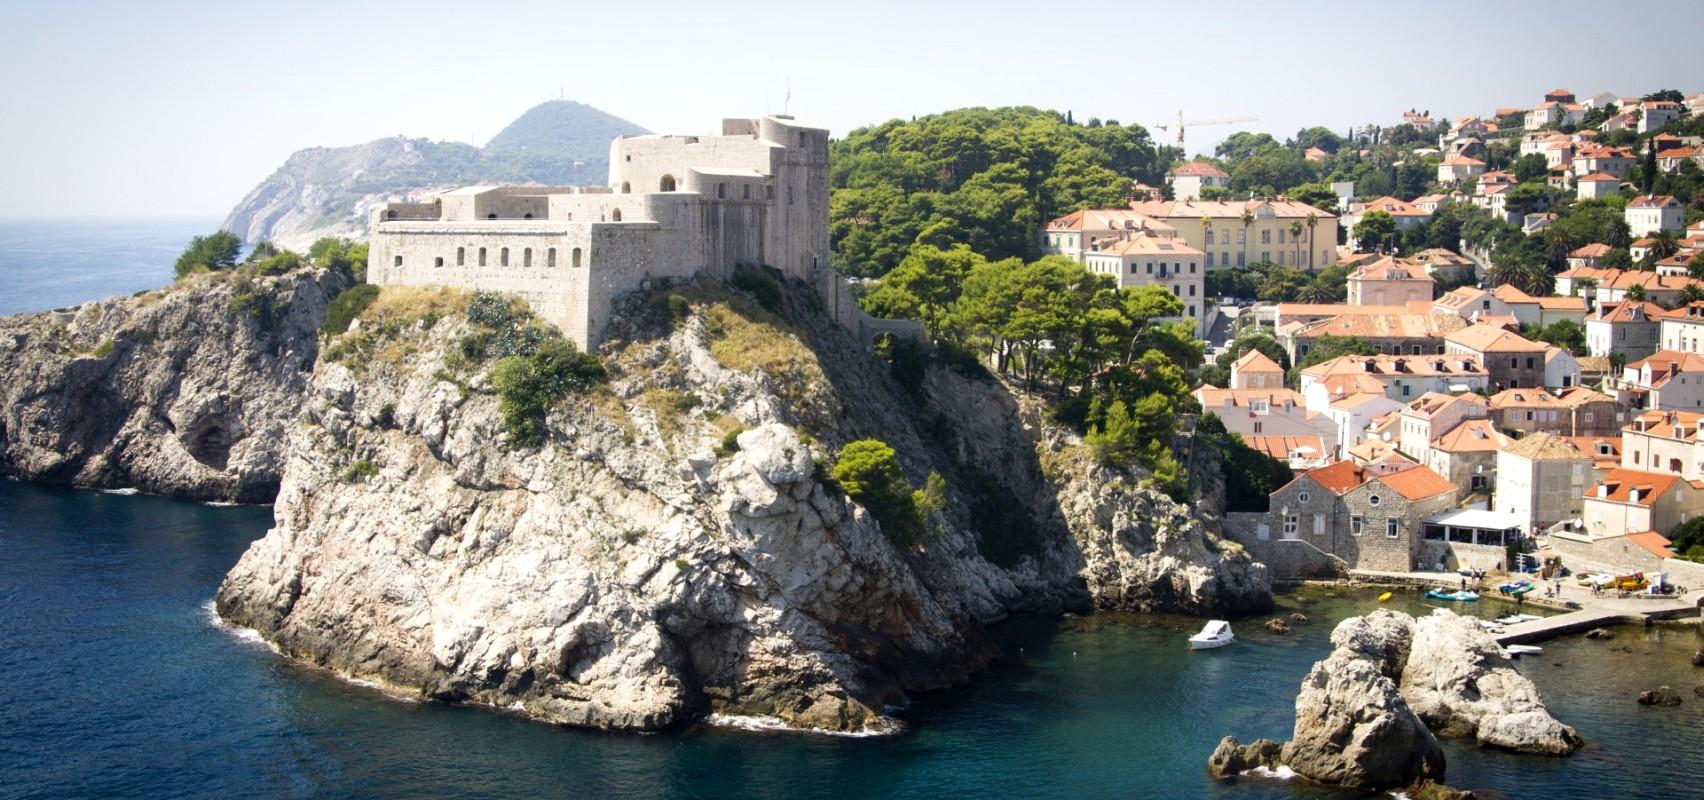 Entdecken Sie Den Charme Der Riviera Dubrovnik In Kroatien